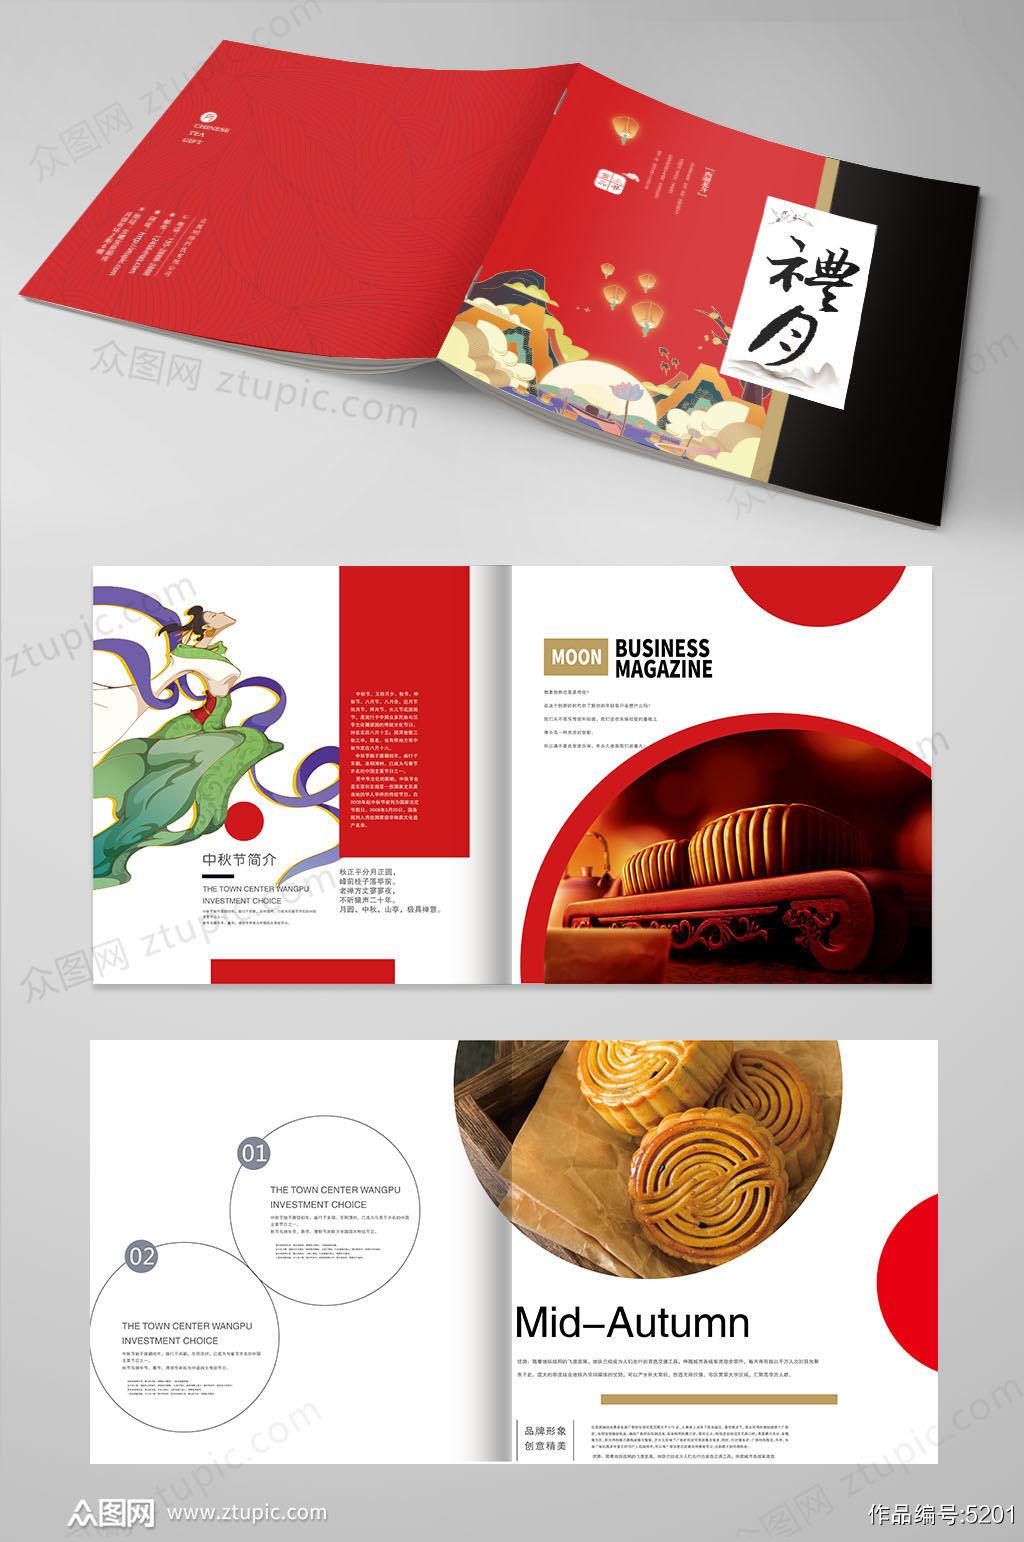 原创中秋节月饼宣传画册封面素材